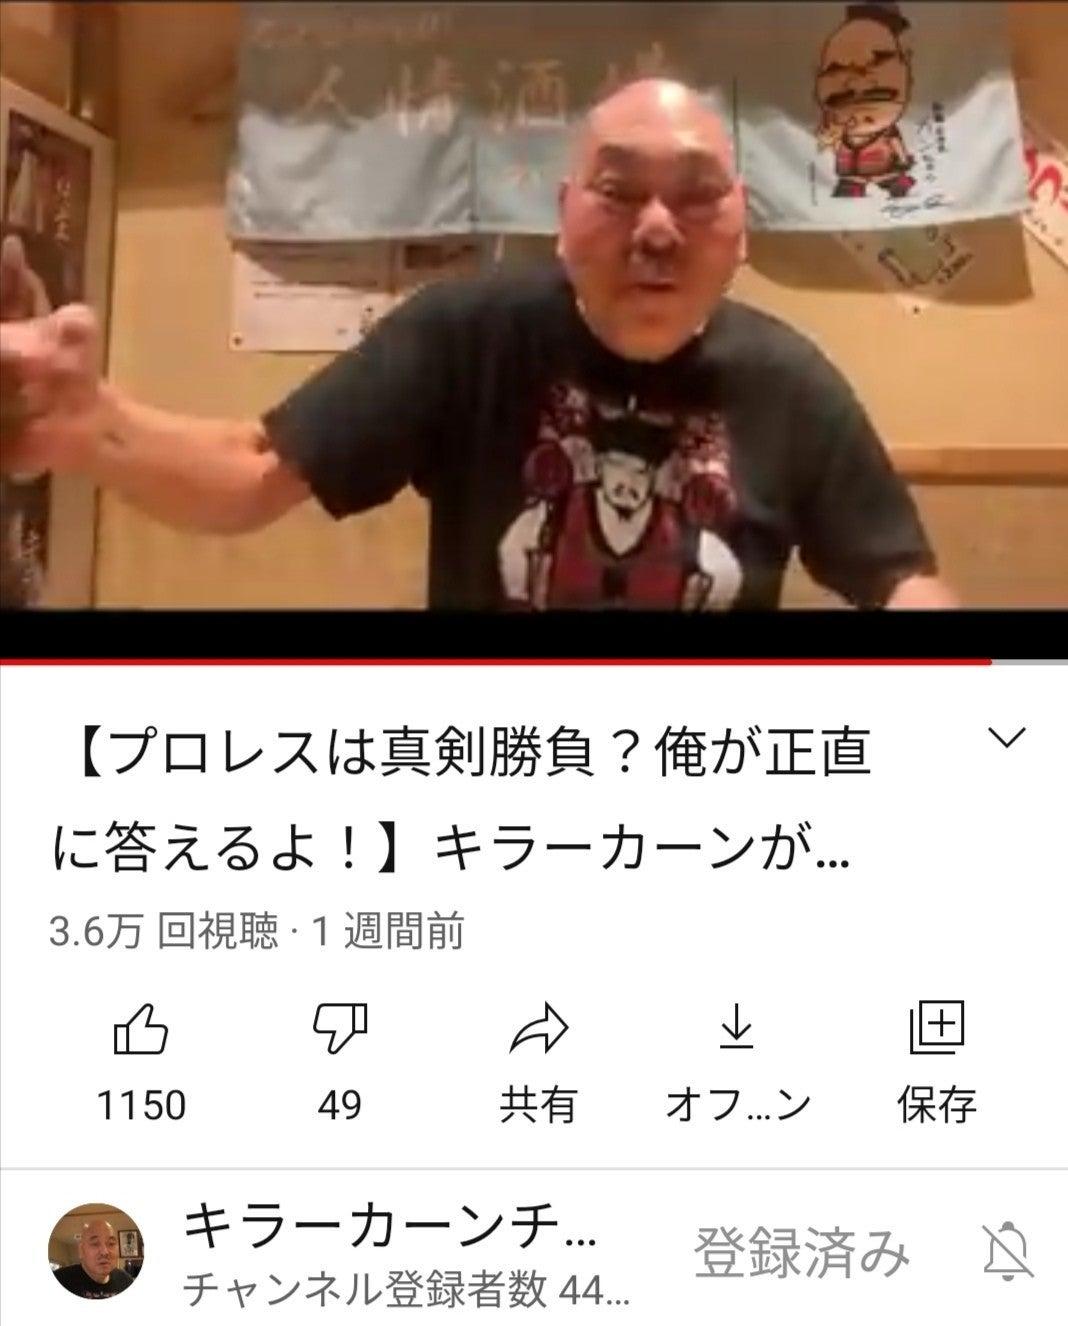 カーン 長州 キラー マサ斎藤さんに坂口相談役、長州力、前田日明ら別れ